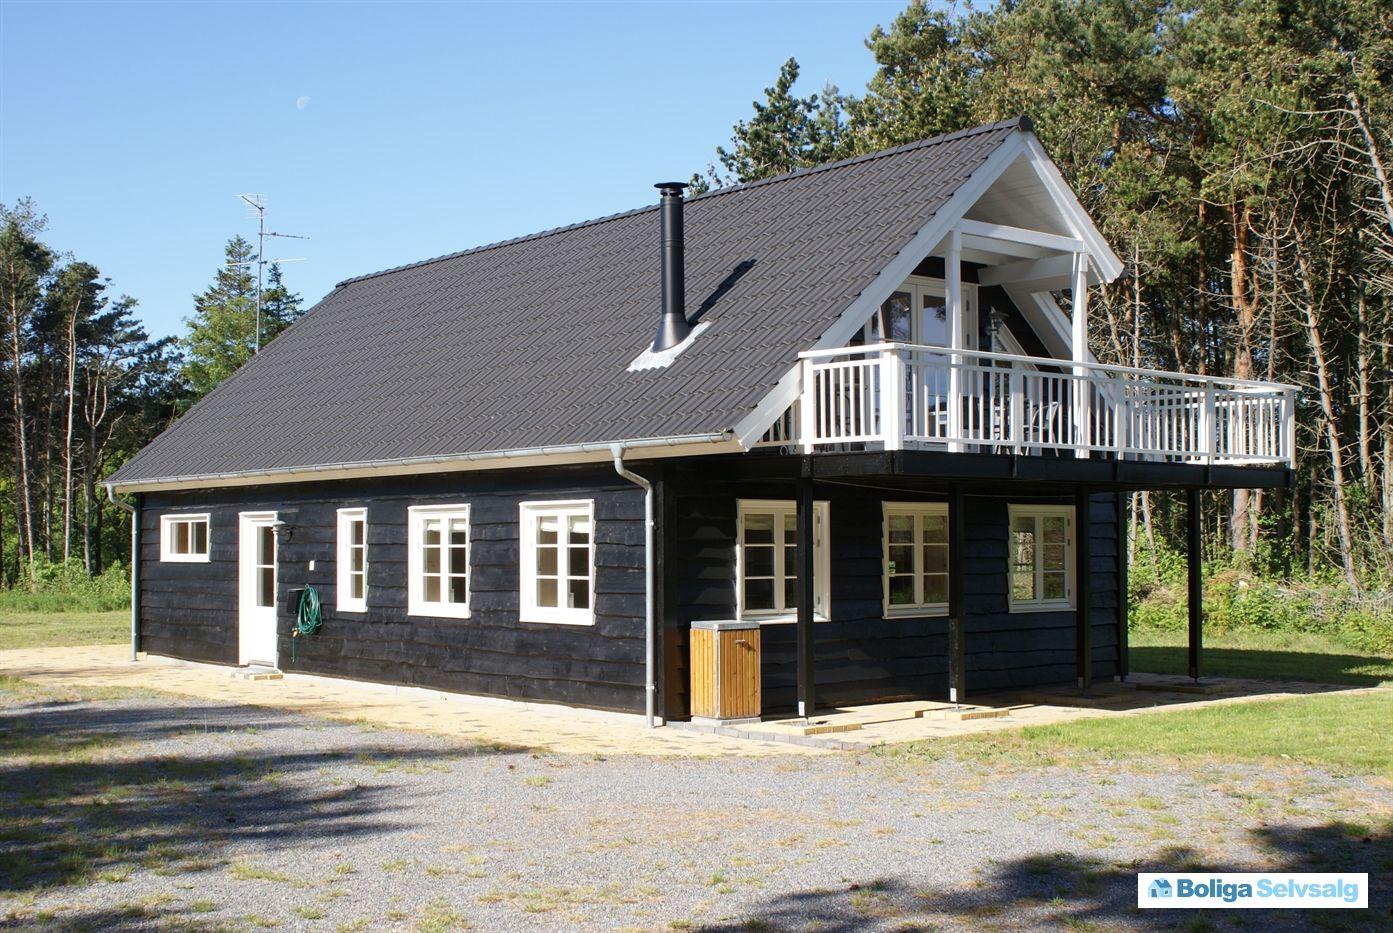 Hyacintvej 5, Vesterø Havn, 9940 Læsø - Godt håndværksmæssigt bygget fritidshus med god beliggenhed #fritidshus #sommerhus #læsø #selvsalg #boligsalg #boligdk